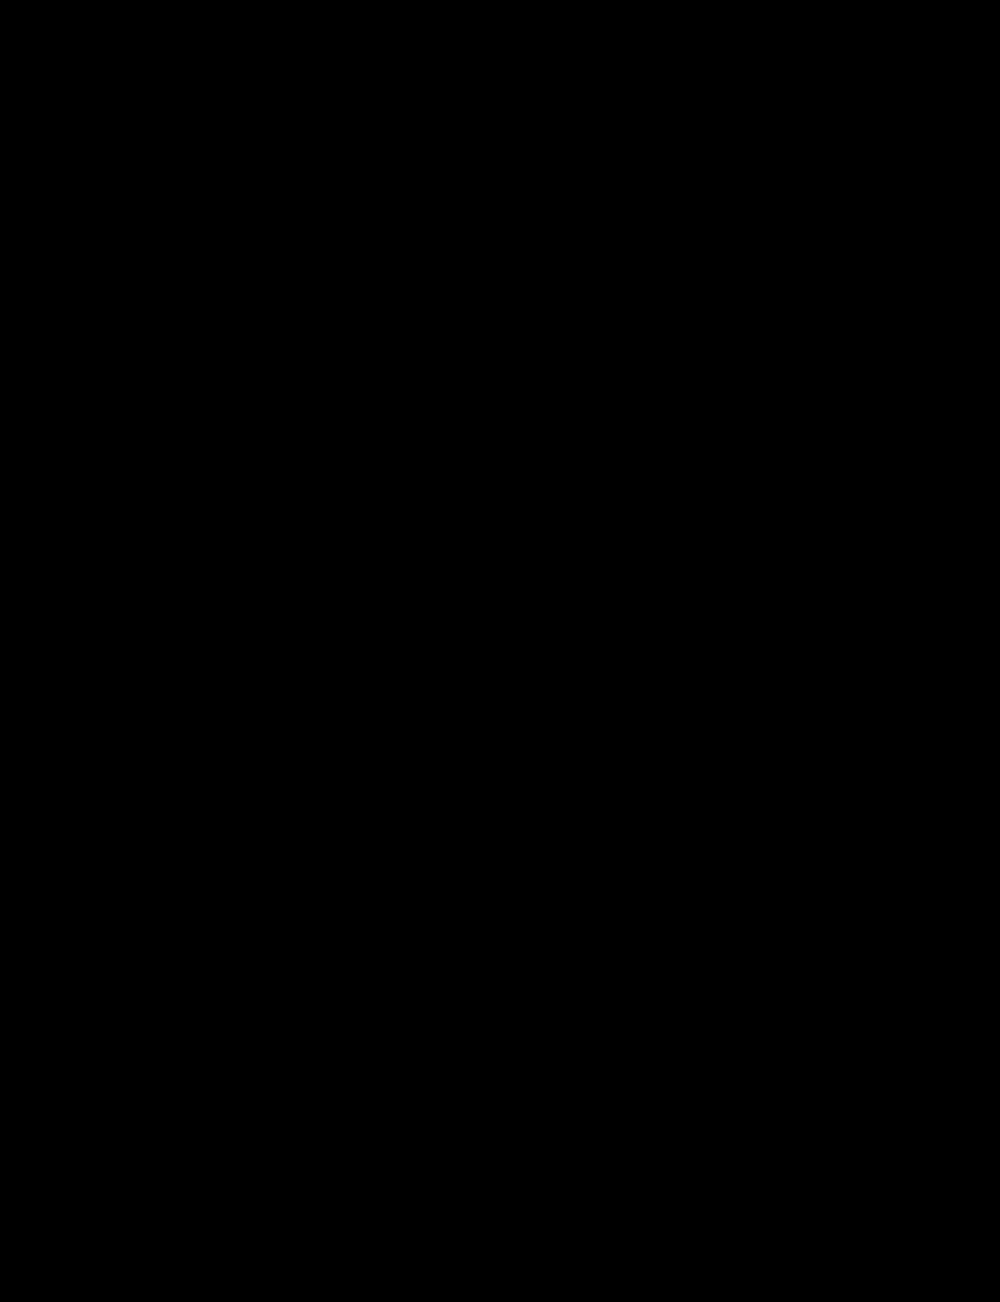 Défilé Givenchy prêt-à-porter printemps-été 2016.